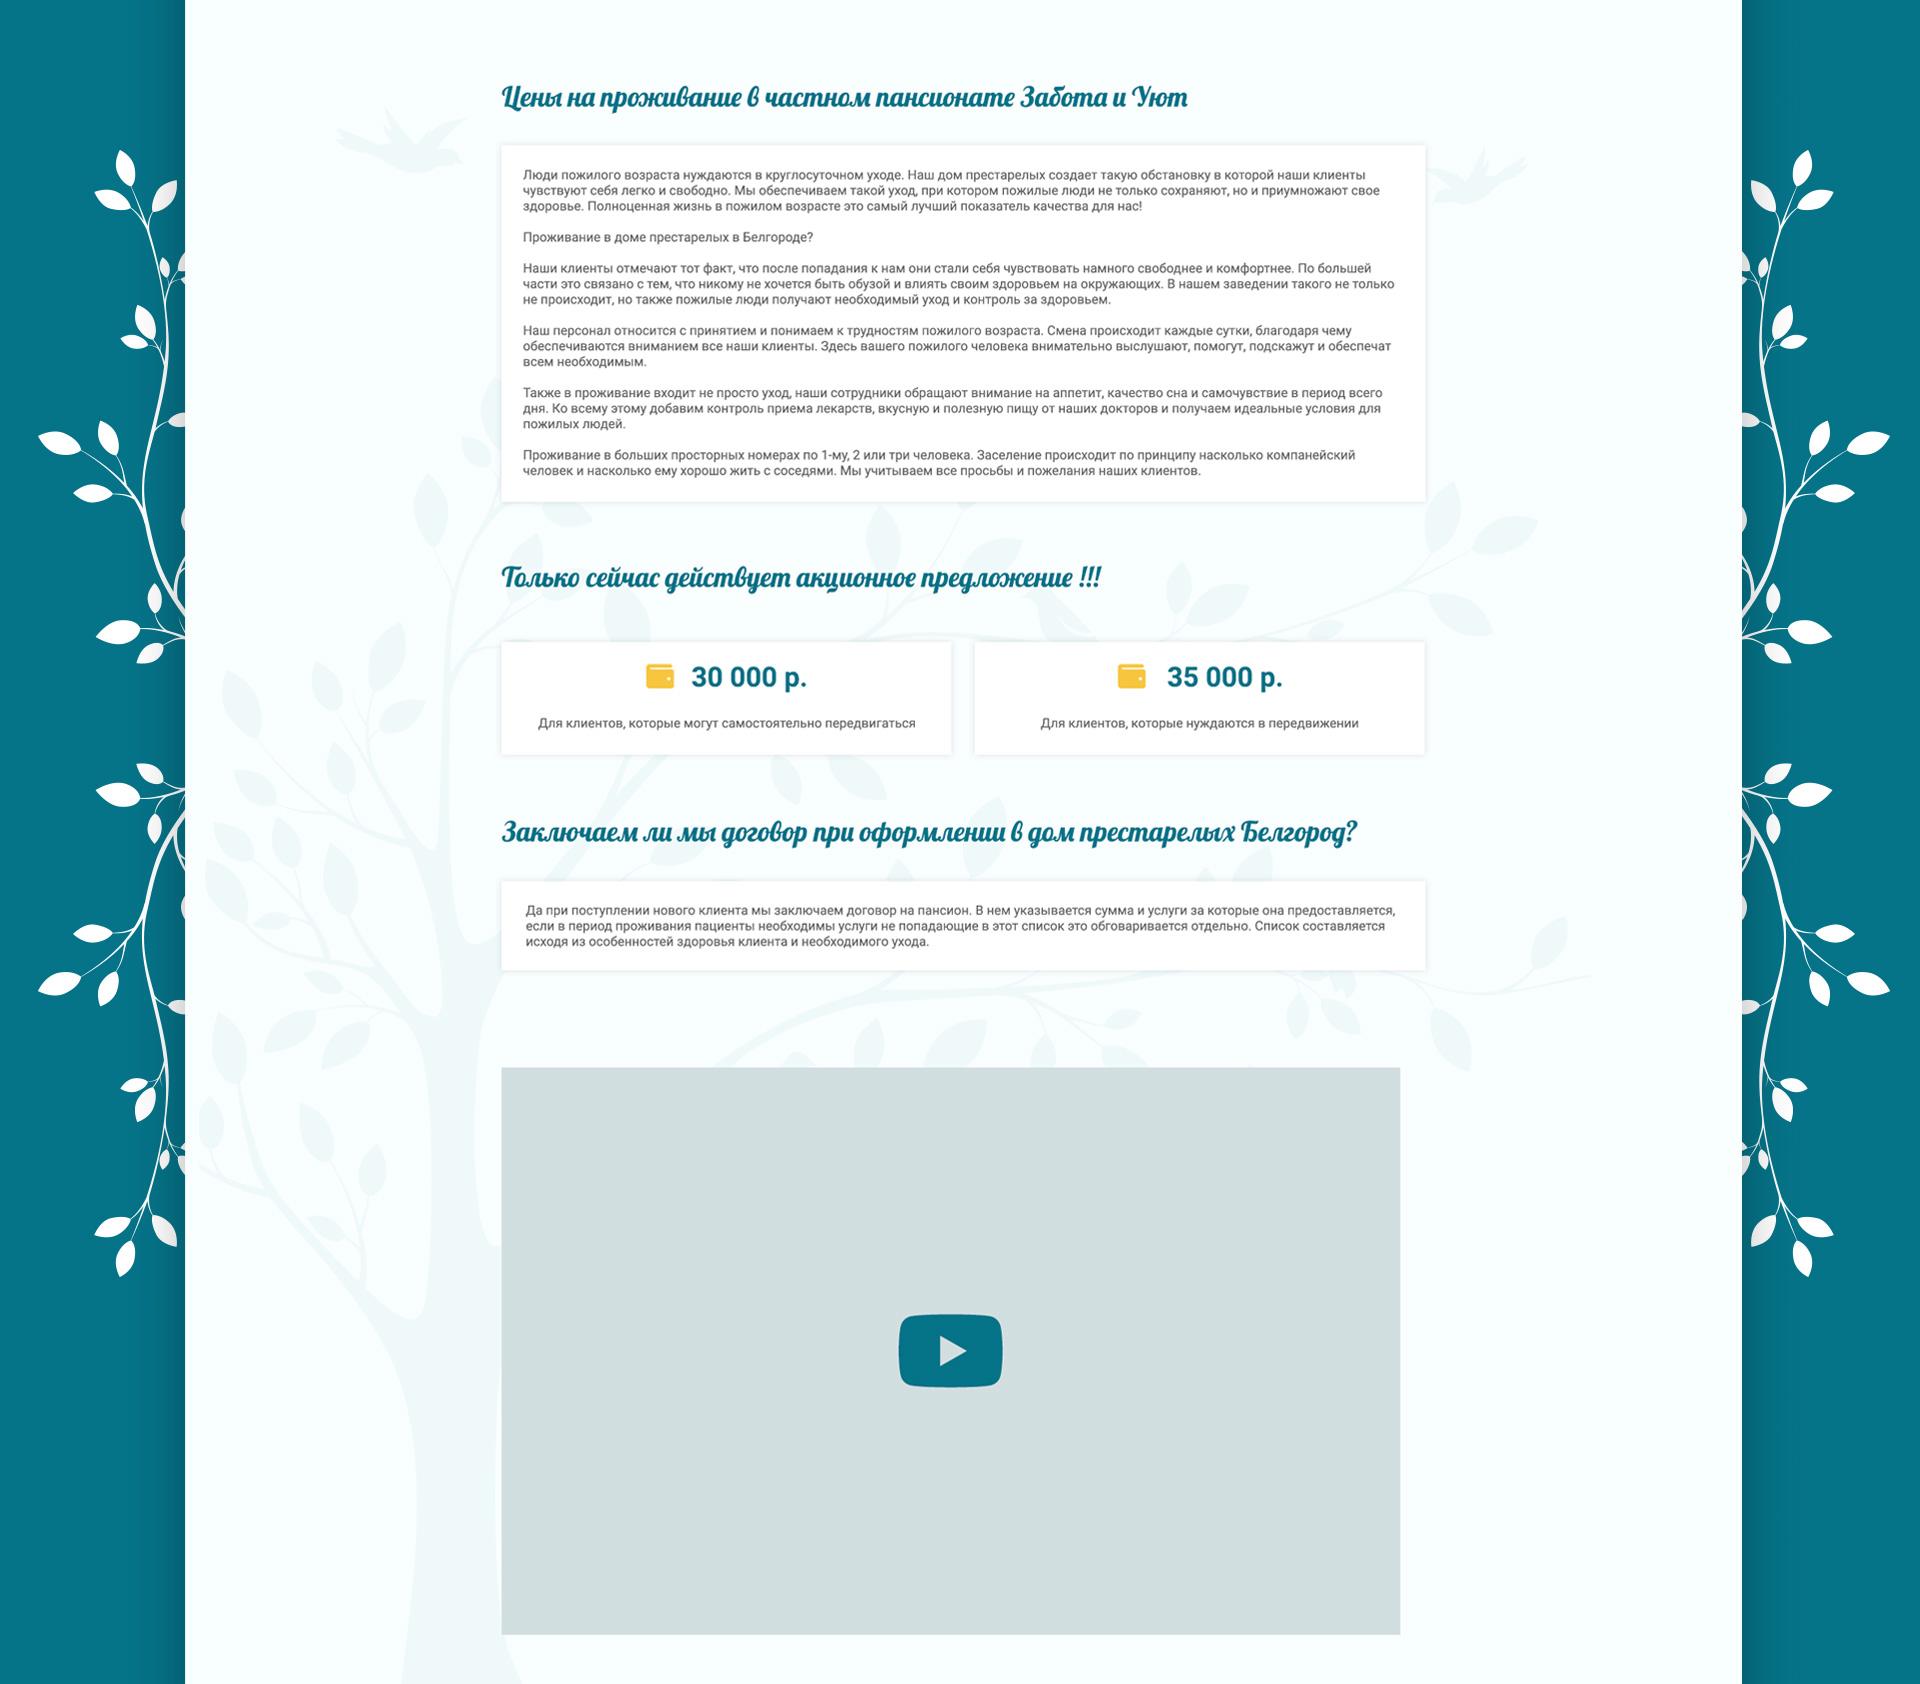 Создание видео блока для сайта